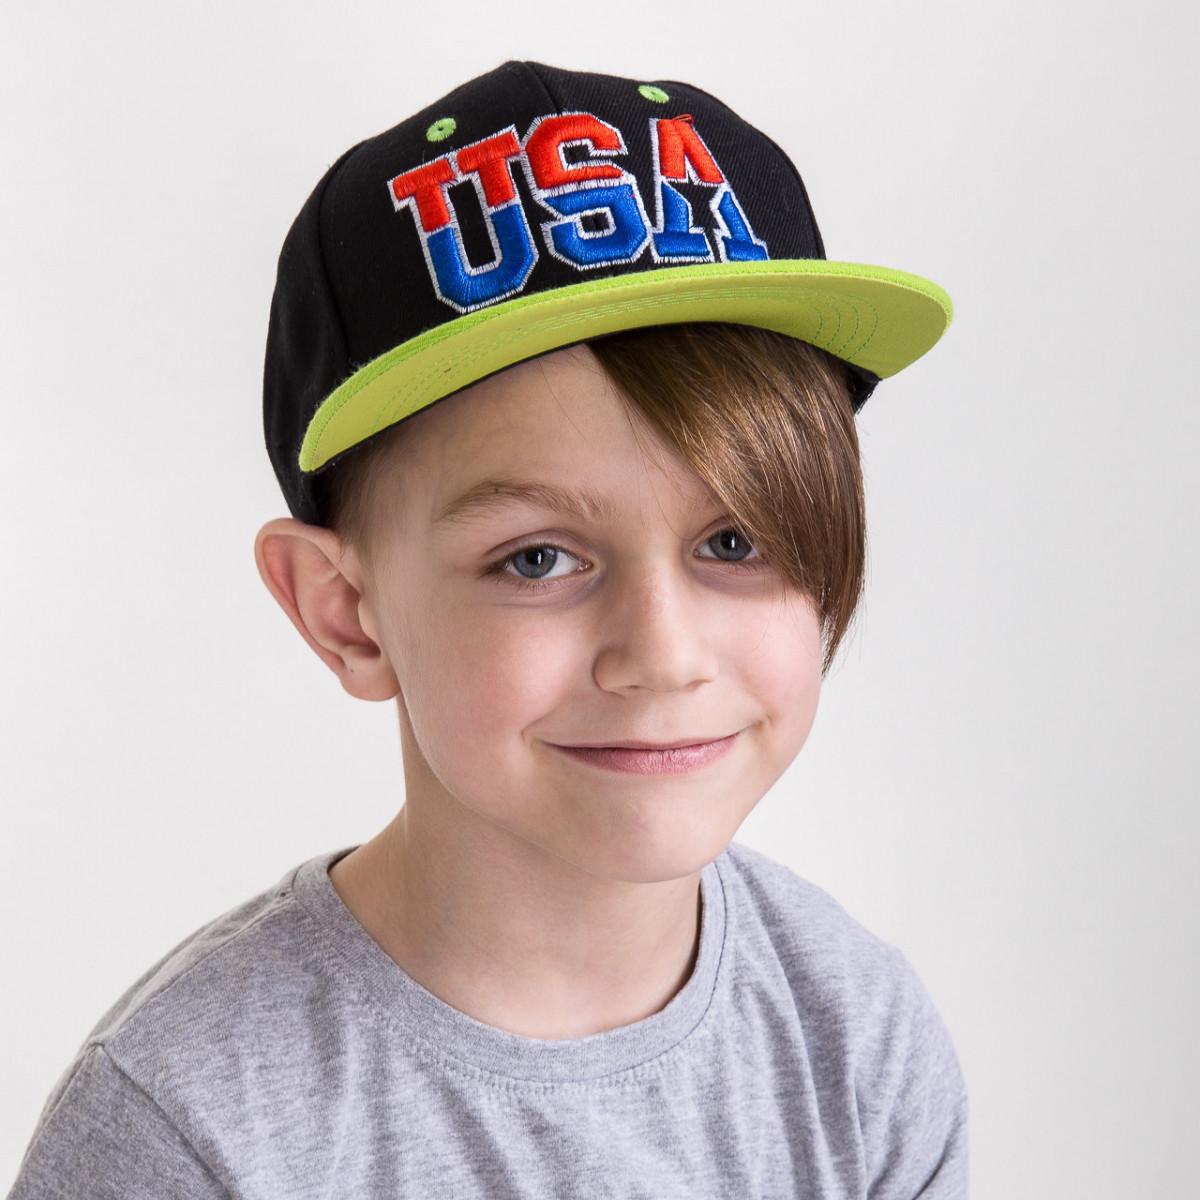 Кепка Snapback для мальчика от производителя - USA - Б13